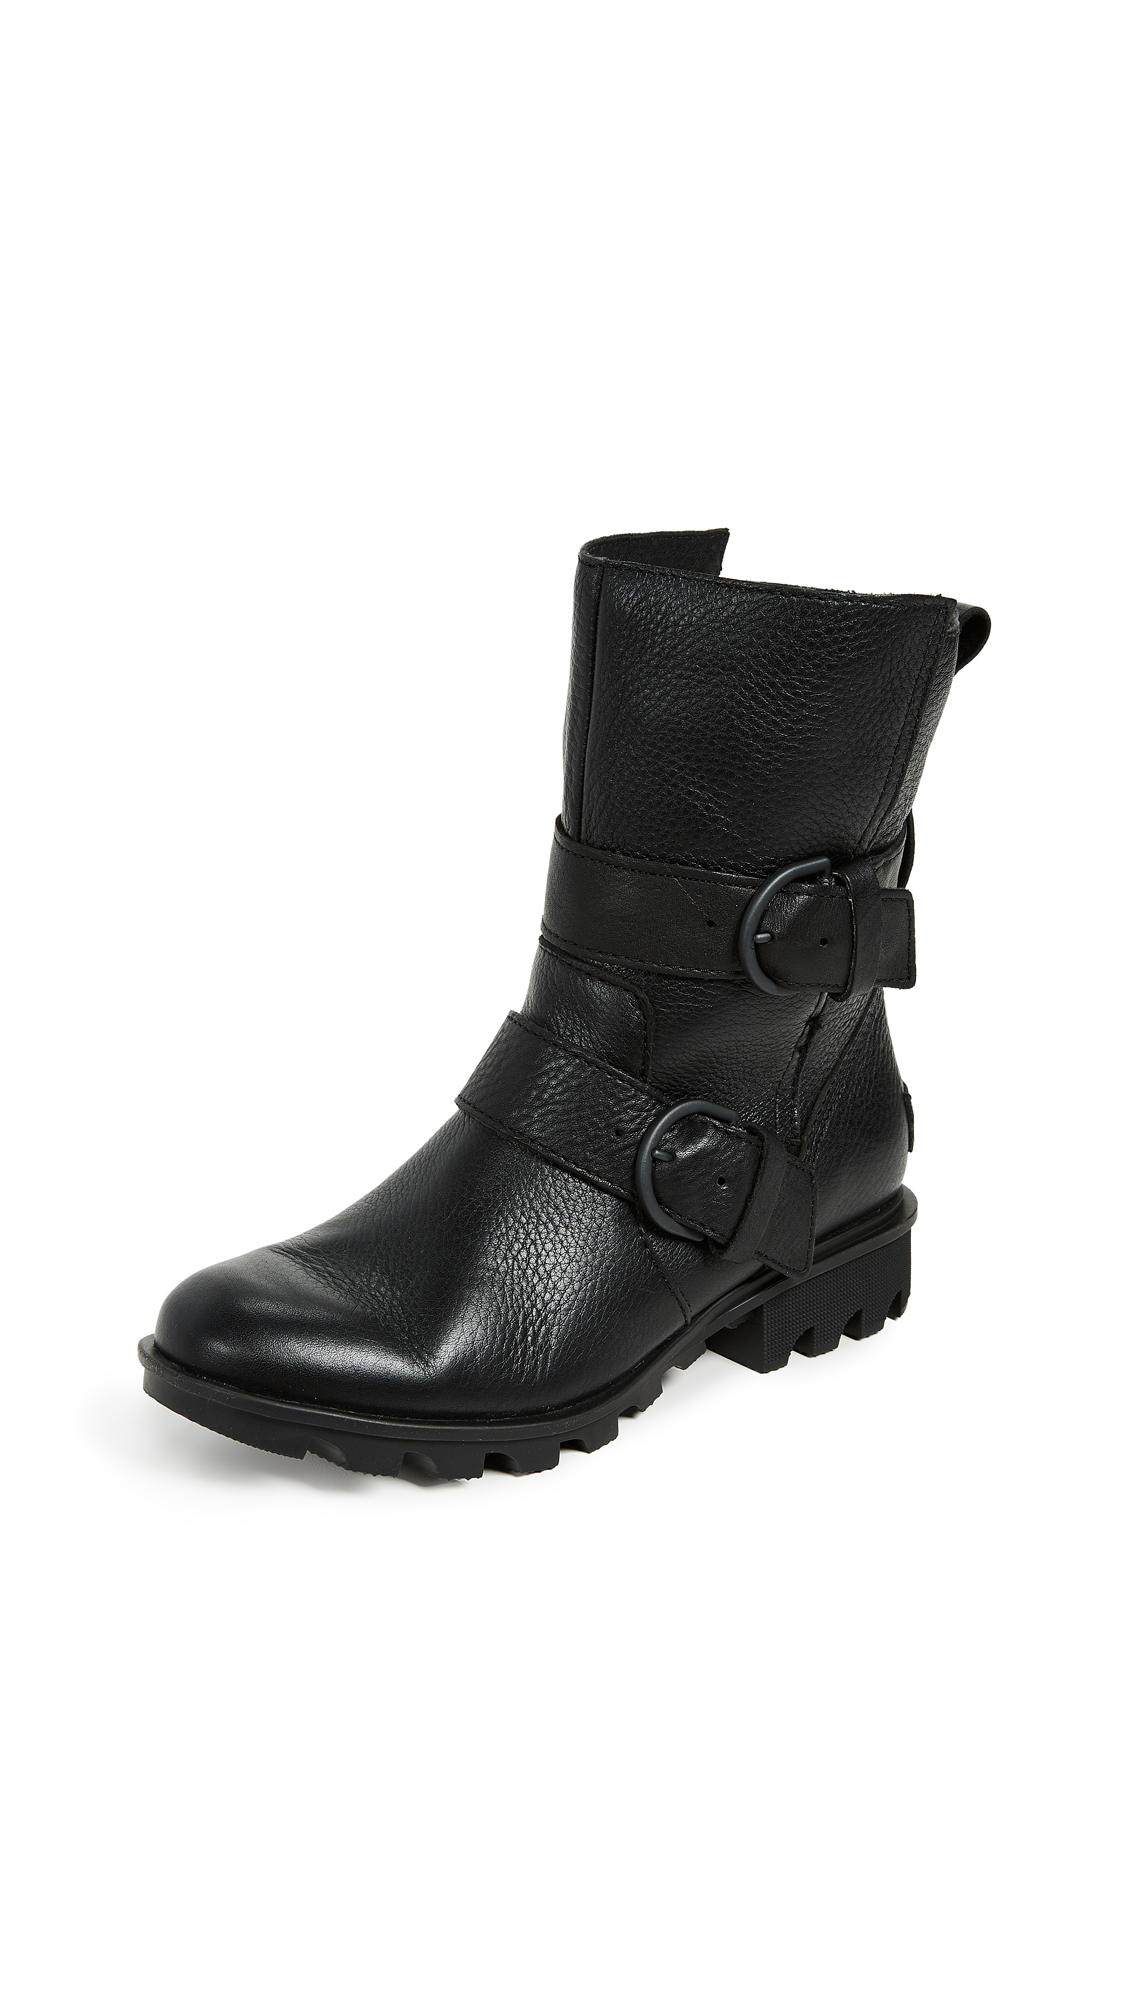 Sorel Phoenix Moto Boots - Black